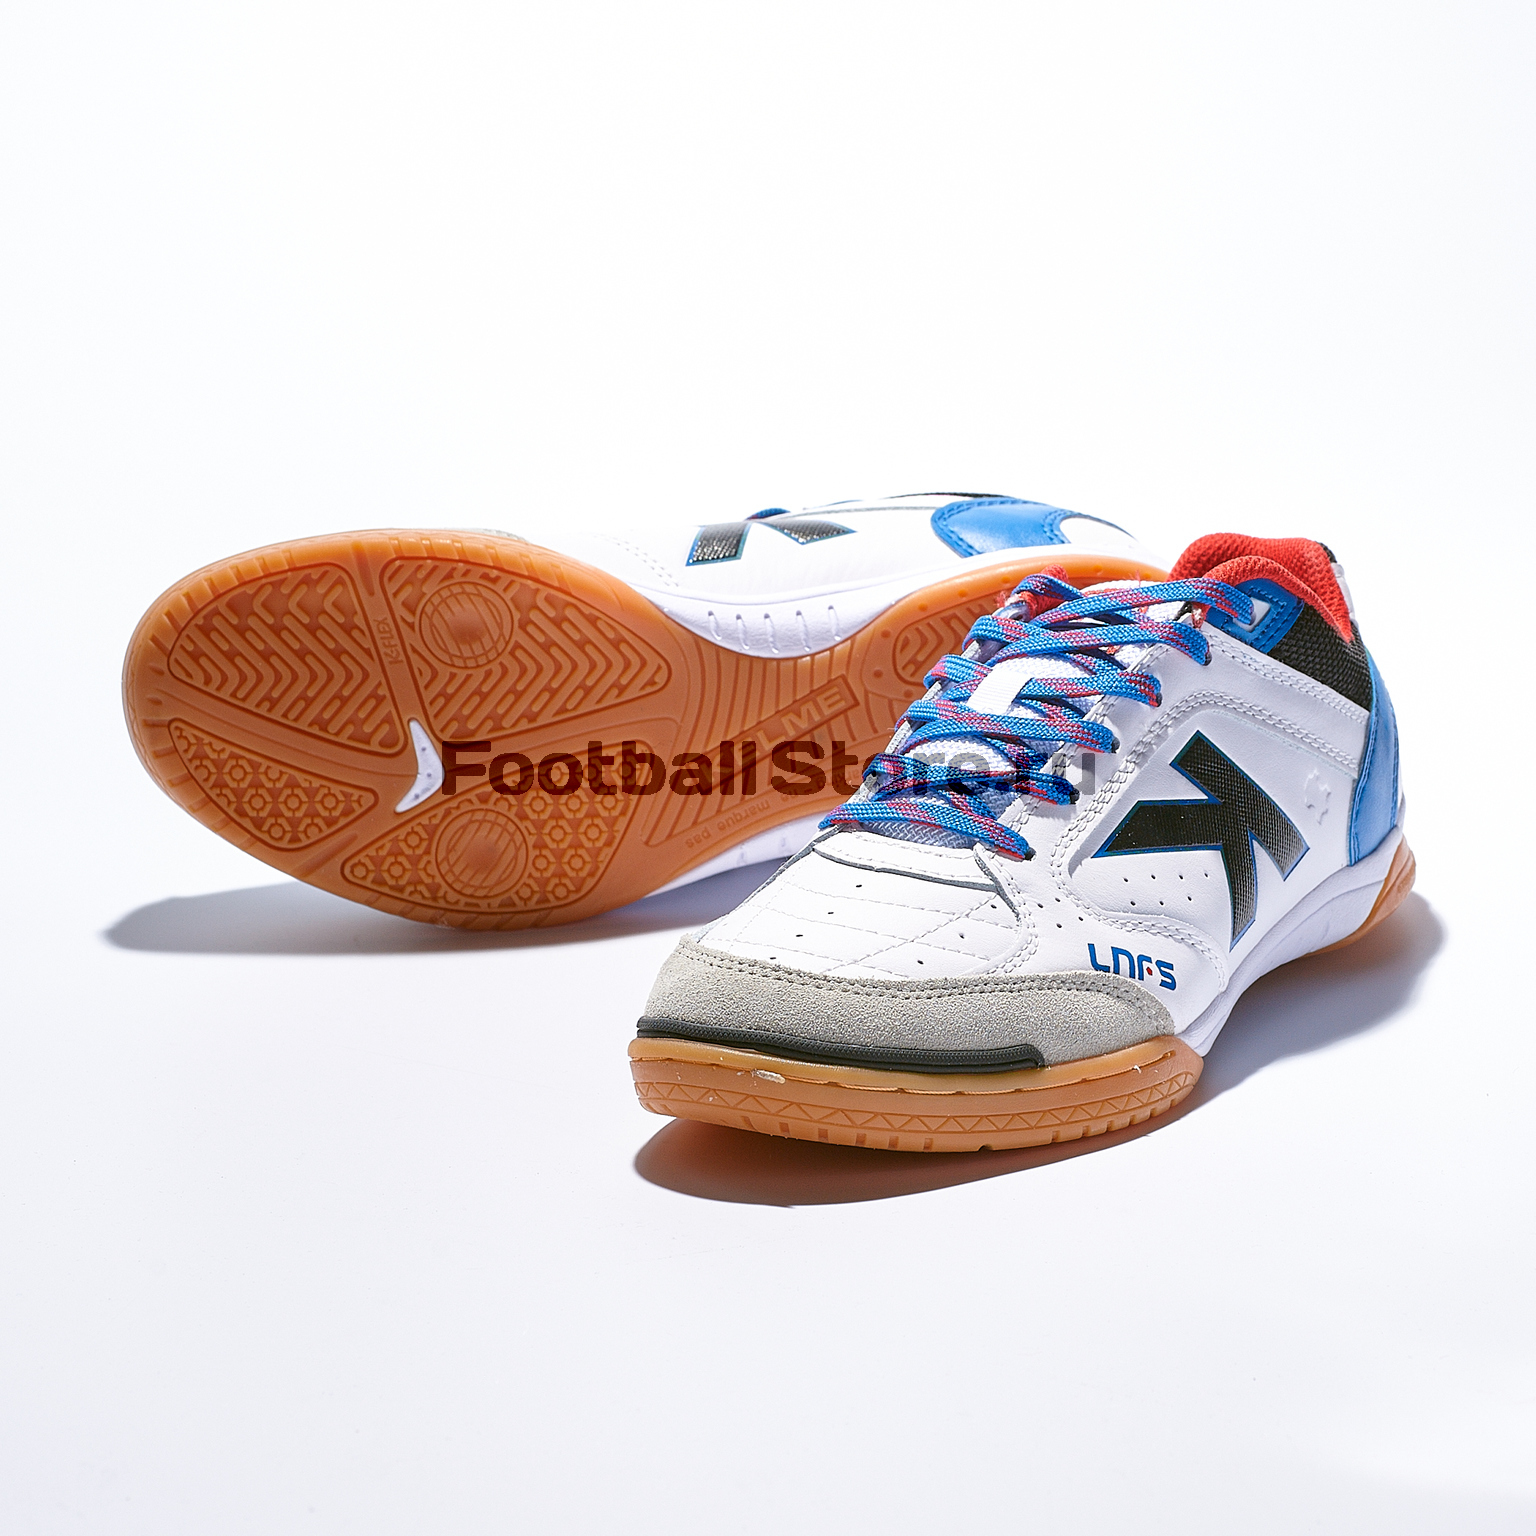 Футзалки Kelme Precision Lnfs 18 55822-006 футбольный мяч kelme oficial lnfc 17 18 90155 006